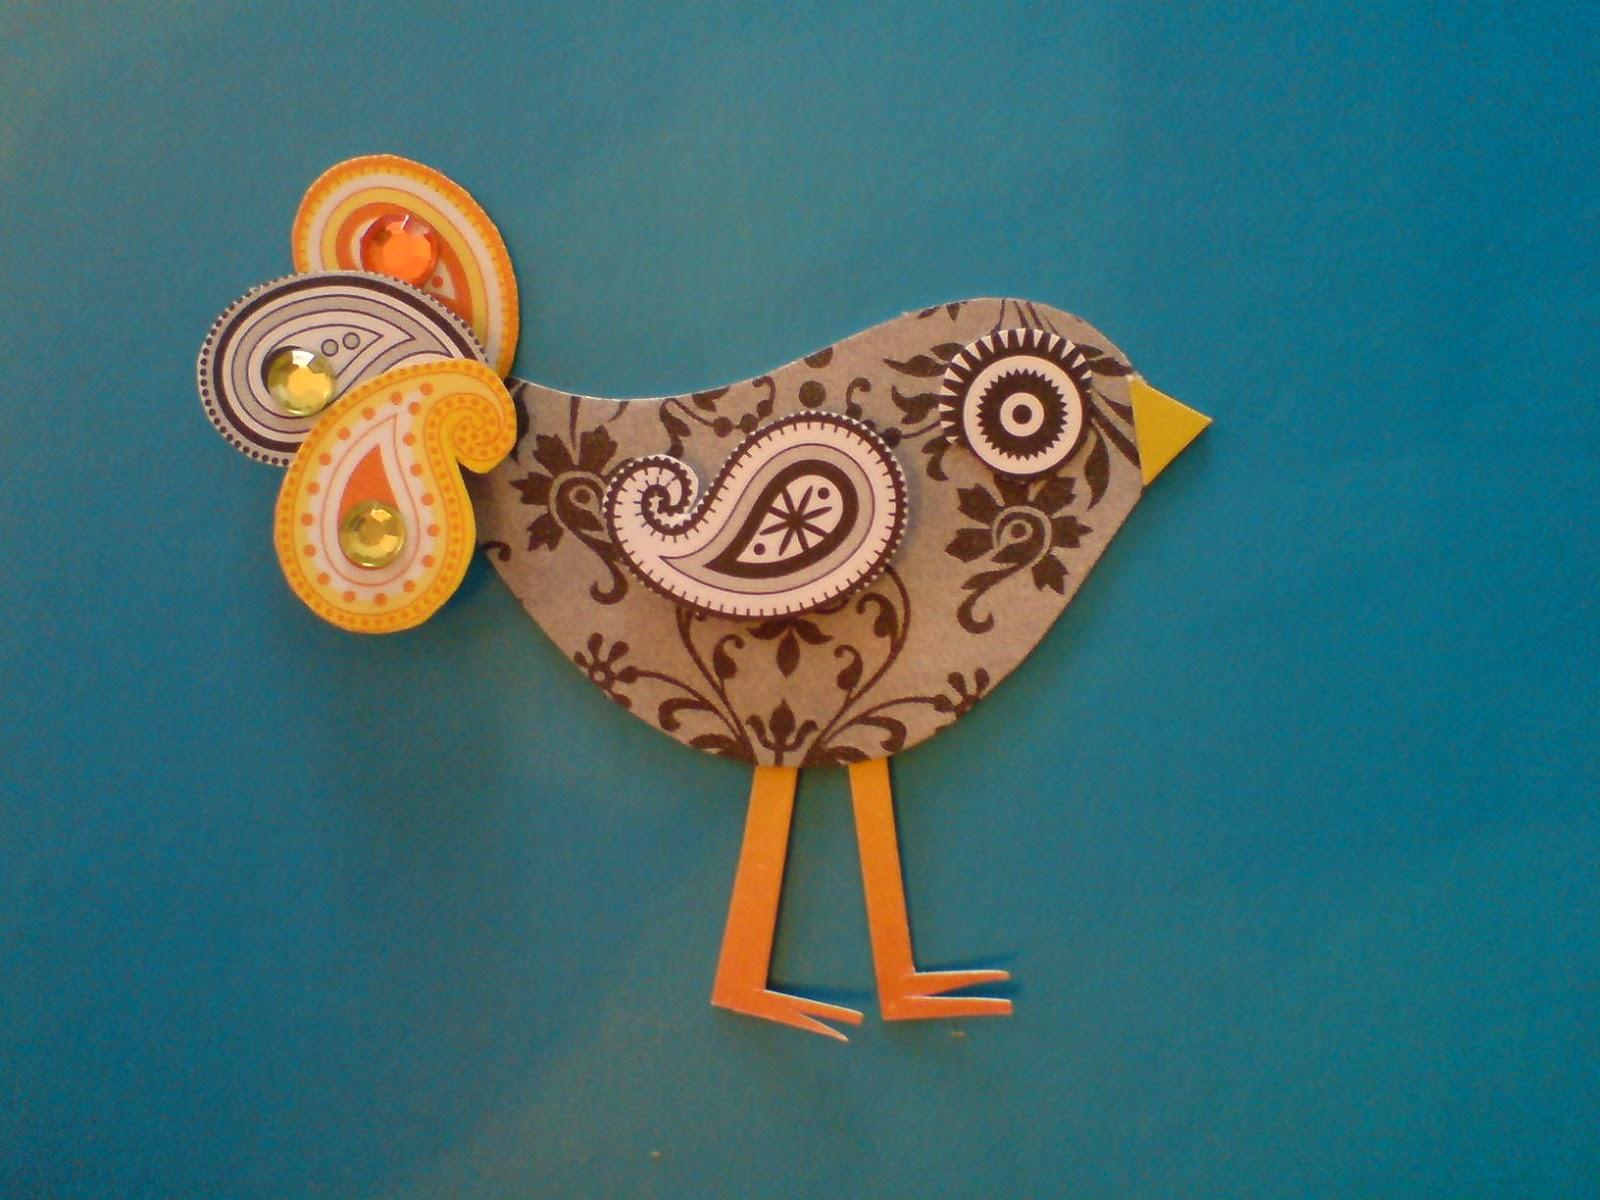 vogel aus papier basteln origami vogel anleitung einfach vogel aus papier basteln youtube. Black Bedroom Furniture Sets. Home Design Ideas